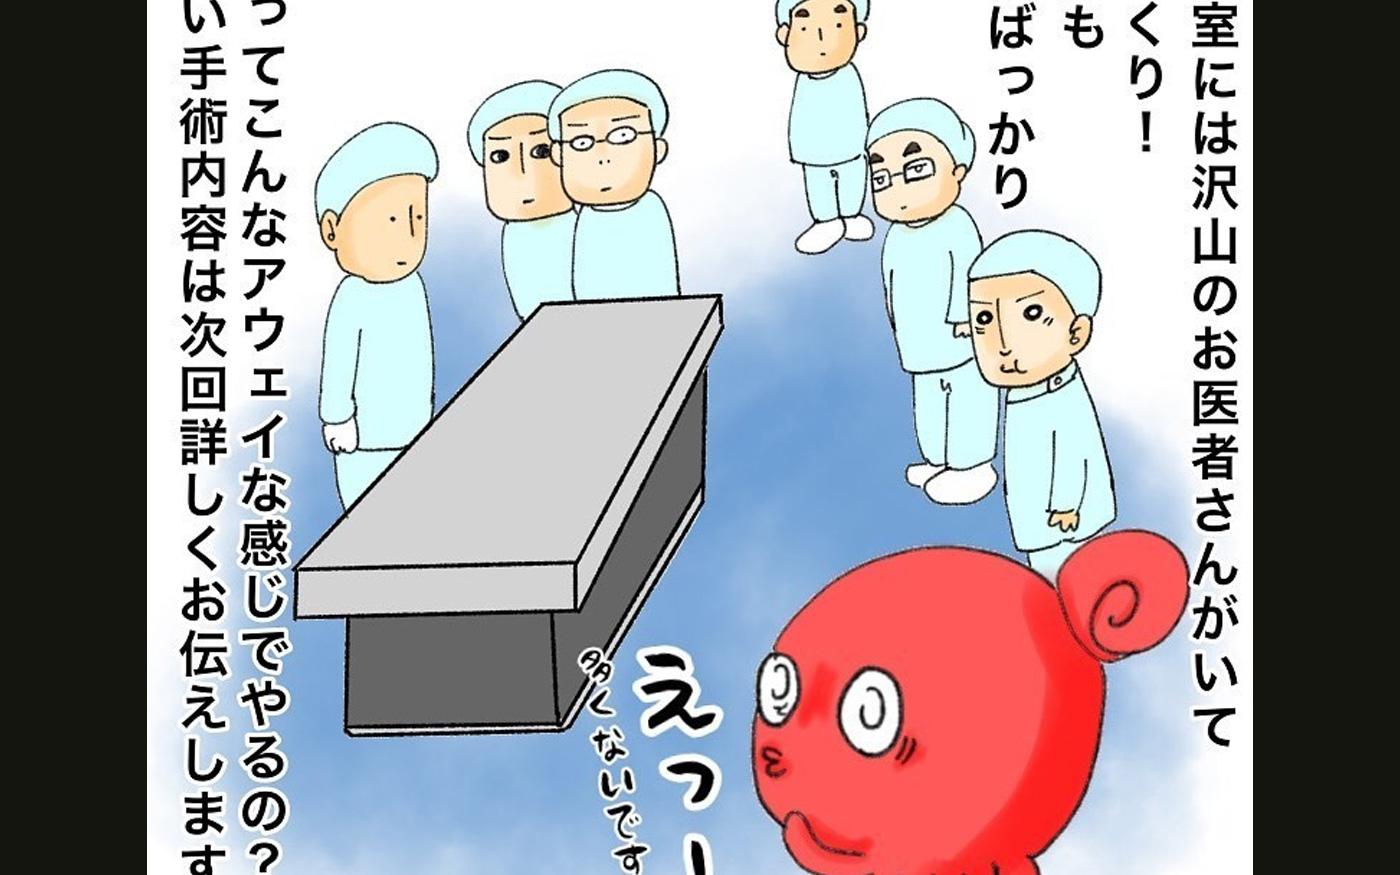 いよいよ抗がん剤治療 手術ってこんなにアウェイなの?